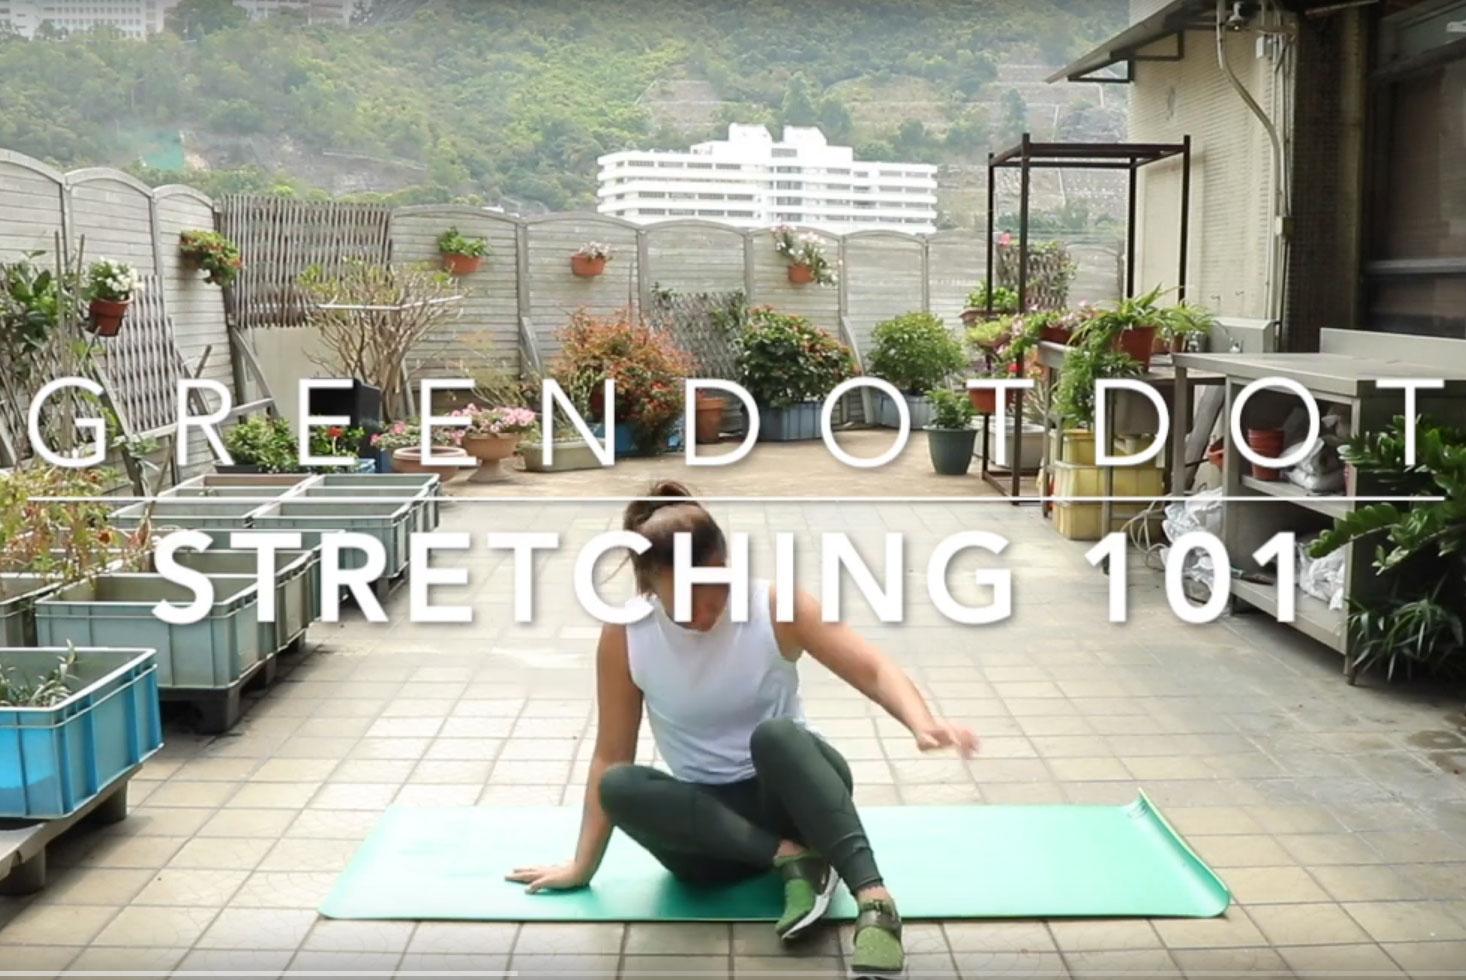 在家輕鬆做運動 ─ 簡易拉筋動作1.0